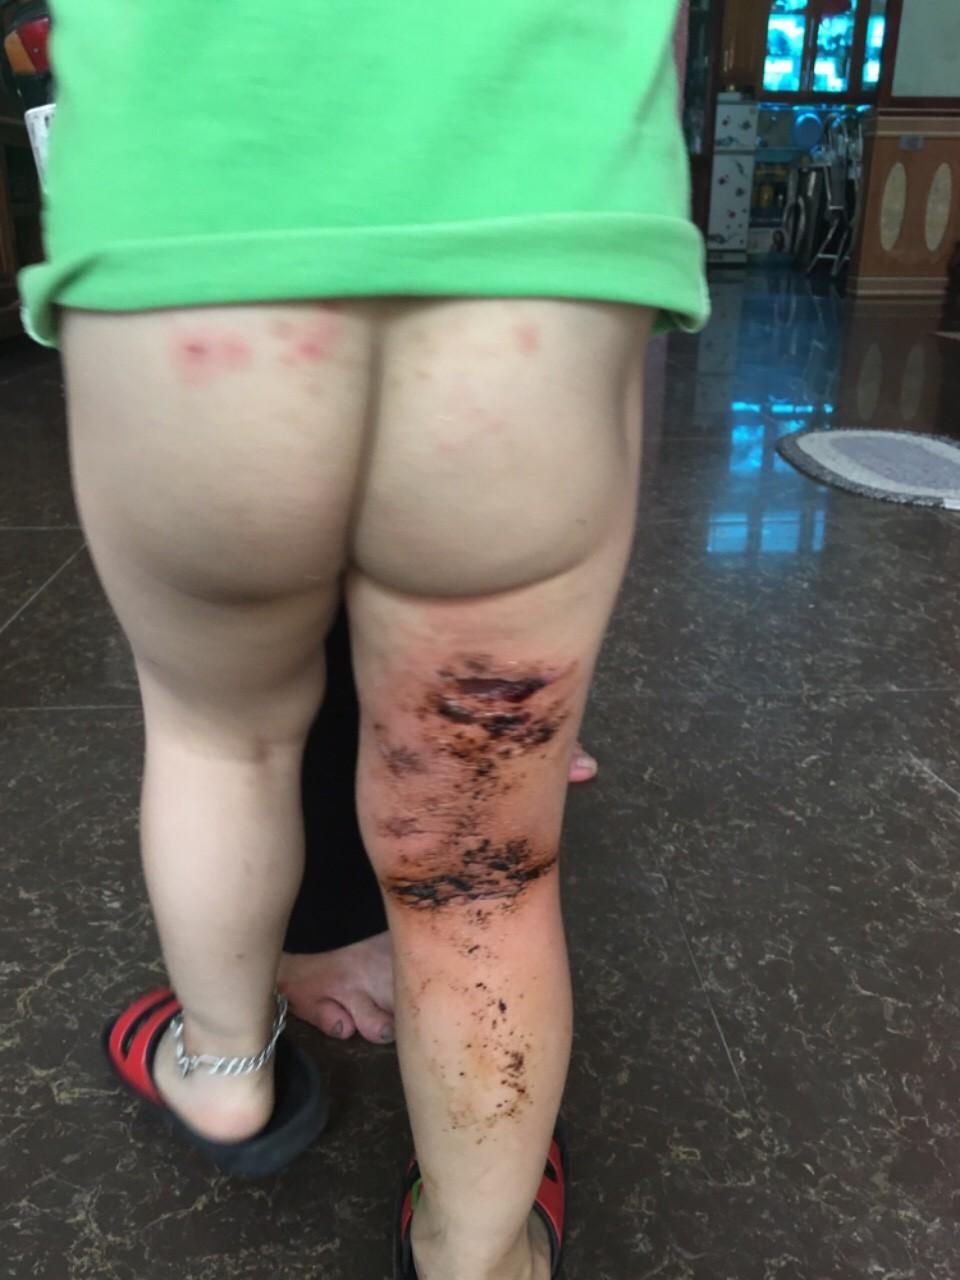 Xôn xao vụ việc trẻ mầm non bị bỏng do cô giáo dùng vòi nước nóng xịt rửa - Ảnh 3.